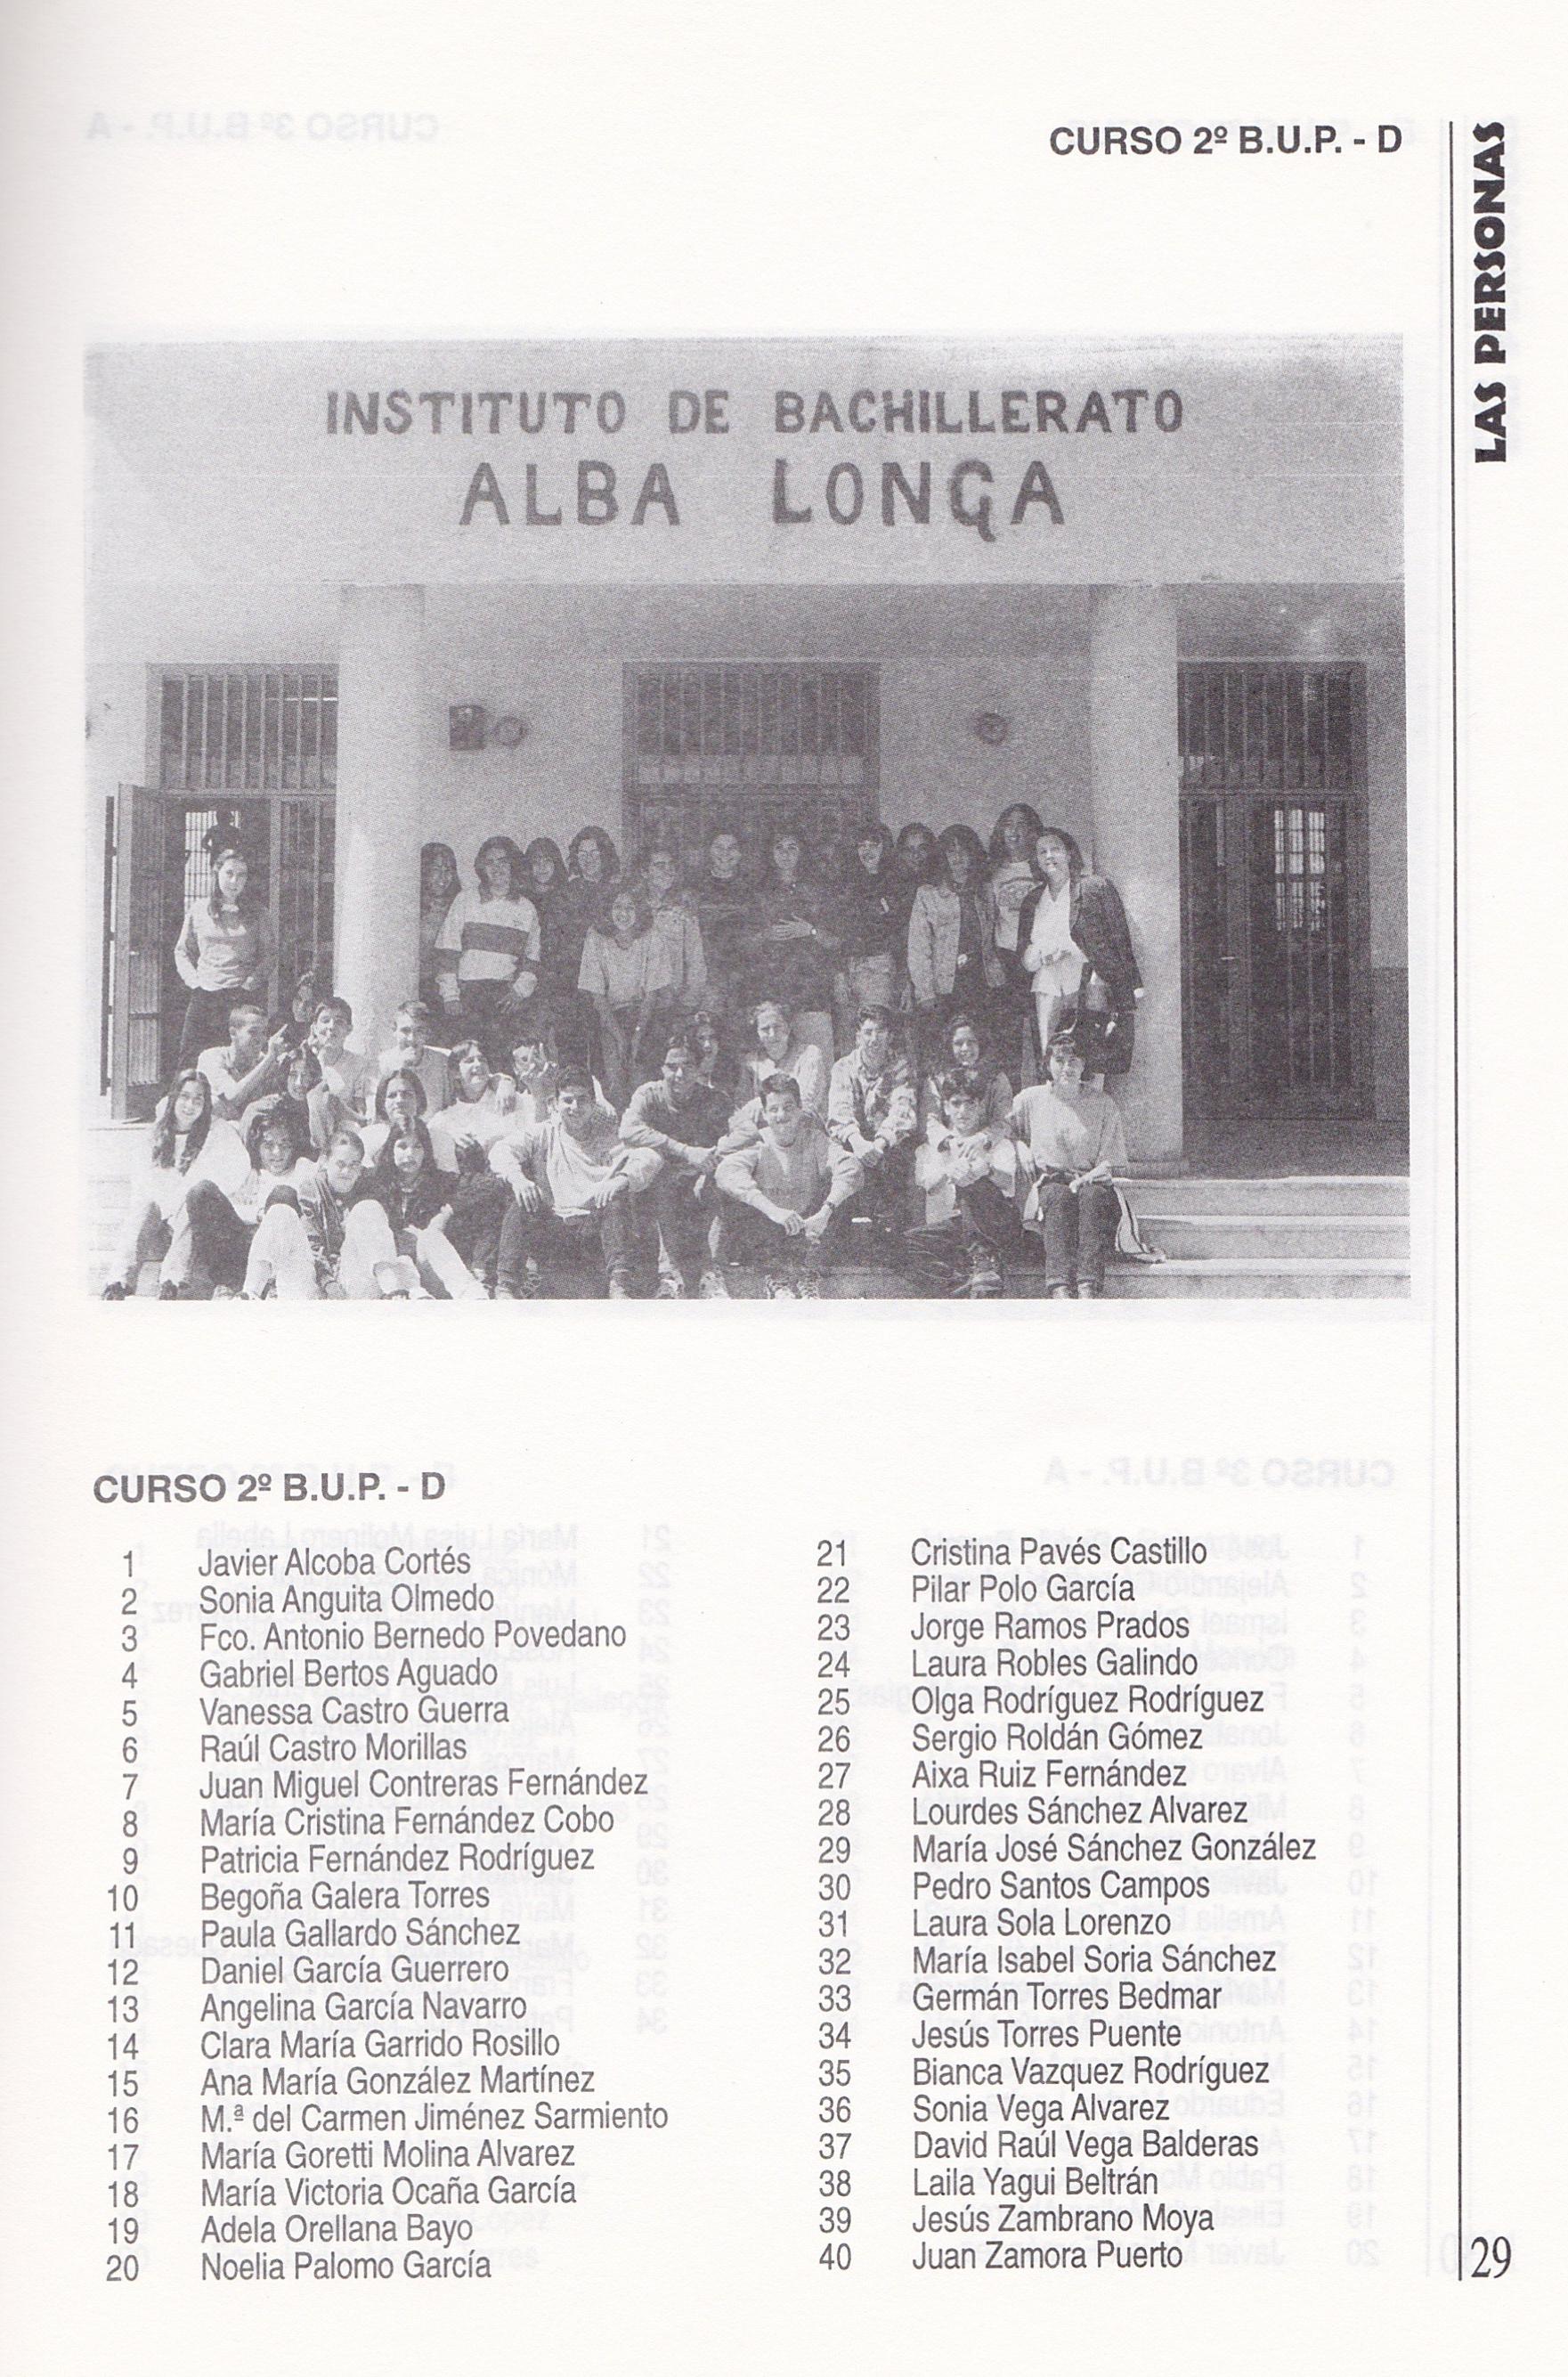 2ºBUP D (curso 1995-1996)